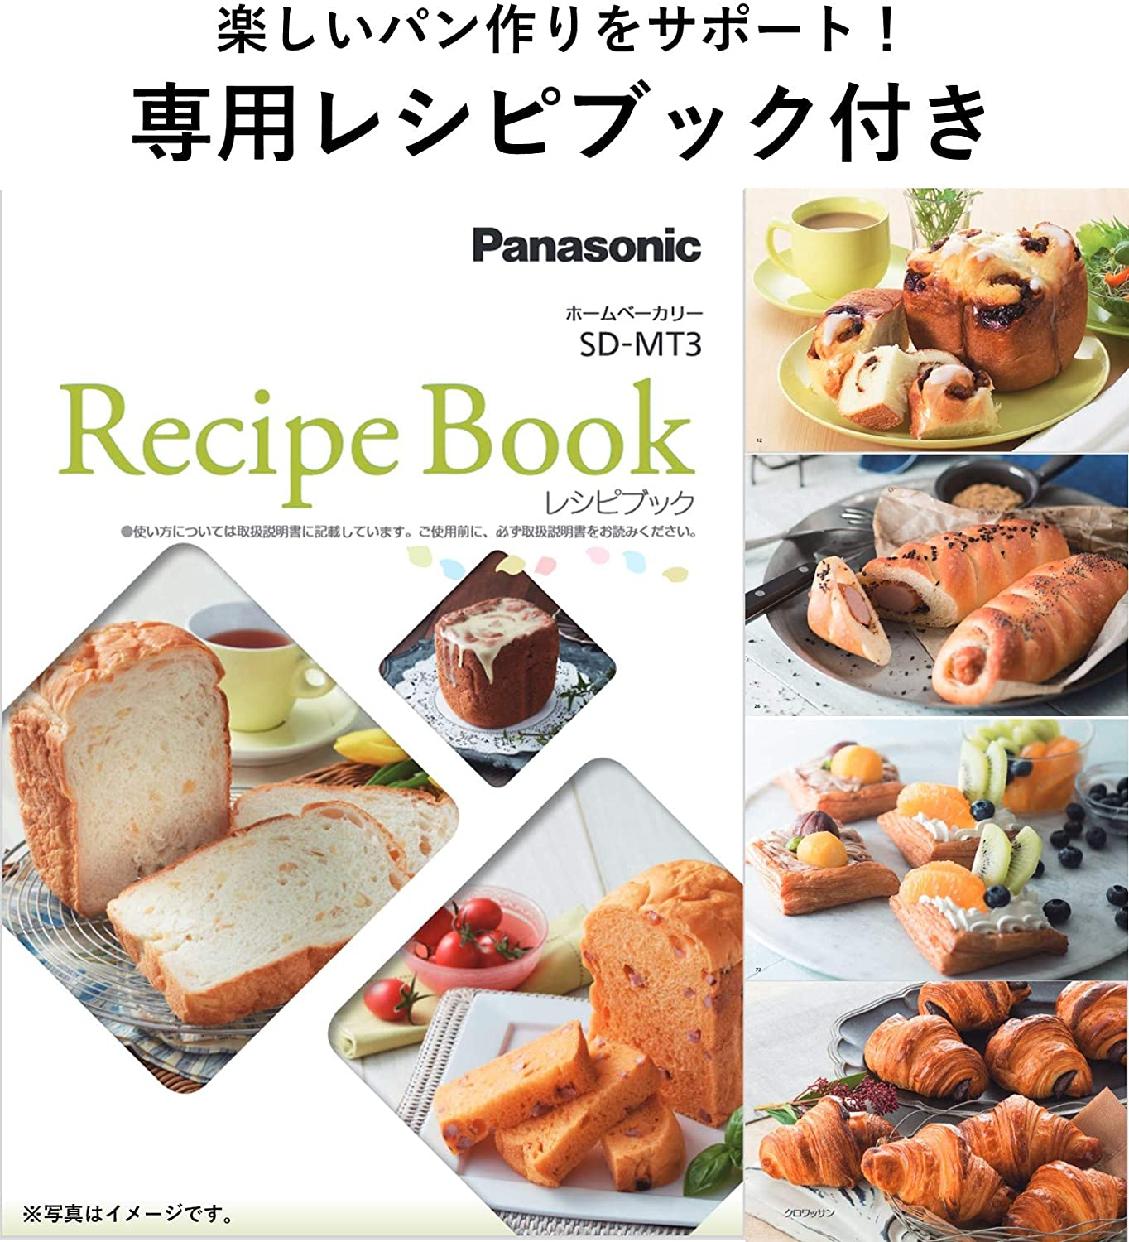 Panasonic(パナソニック)ホームベーカリー SD-MT3の商品画像6